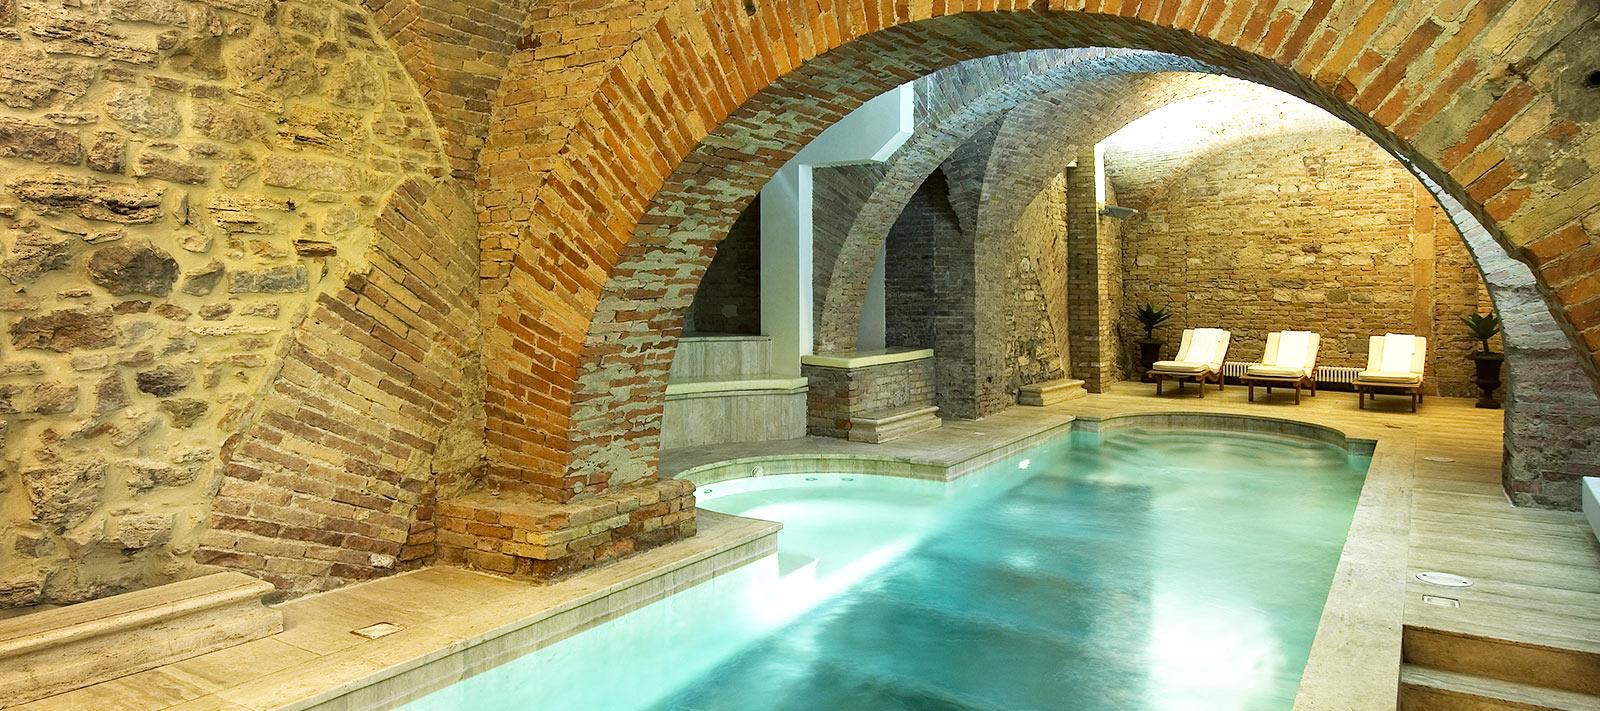 piscine per il wellness e per le spa